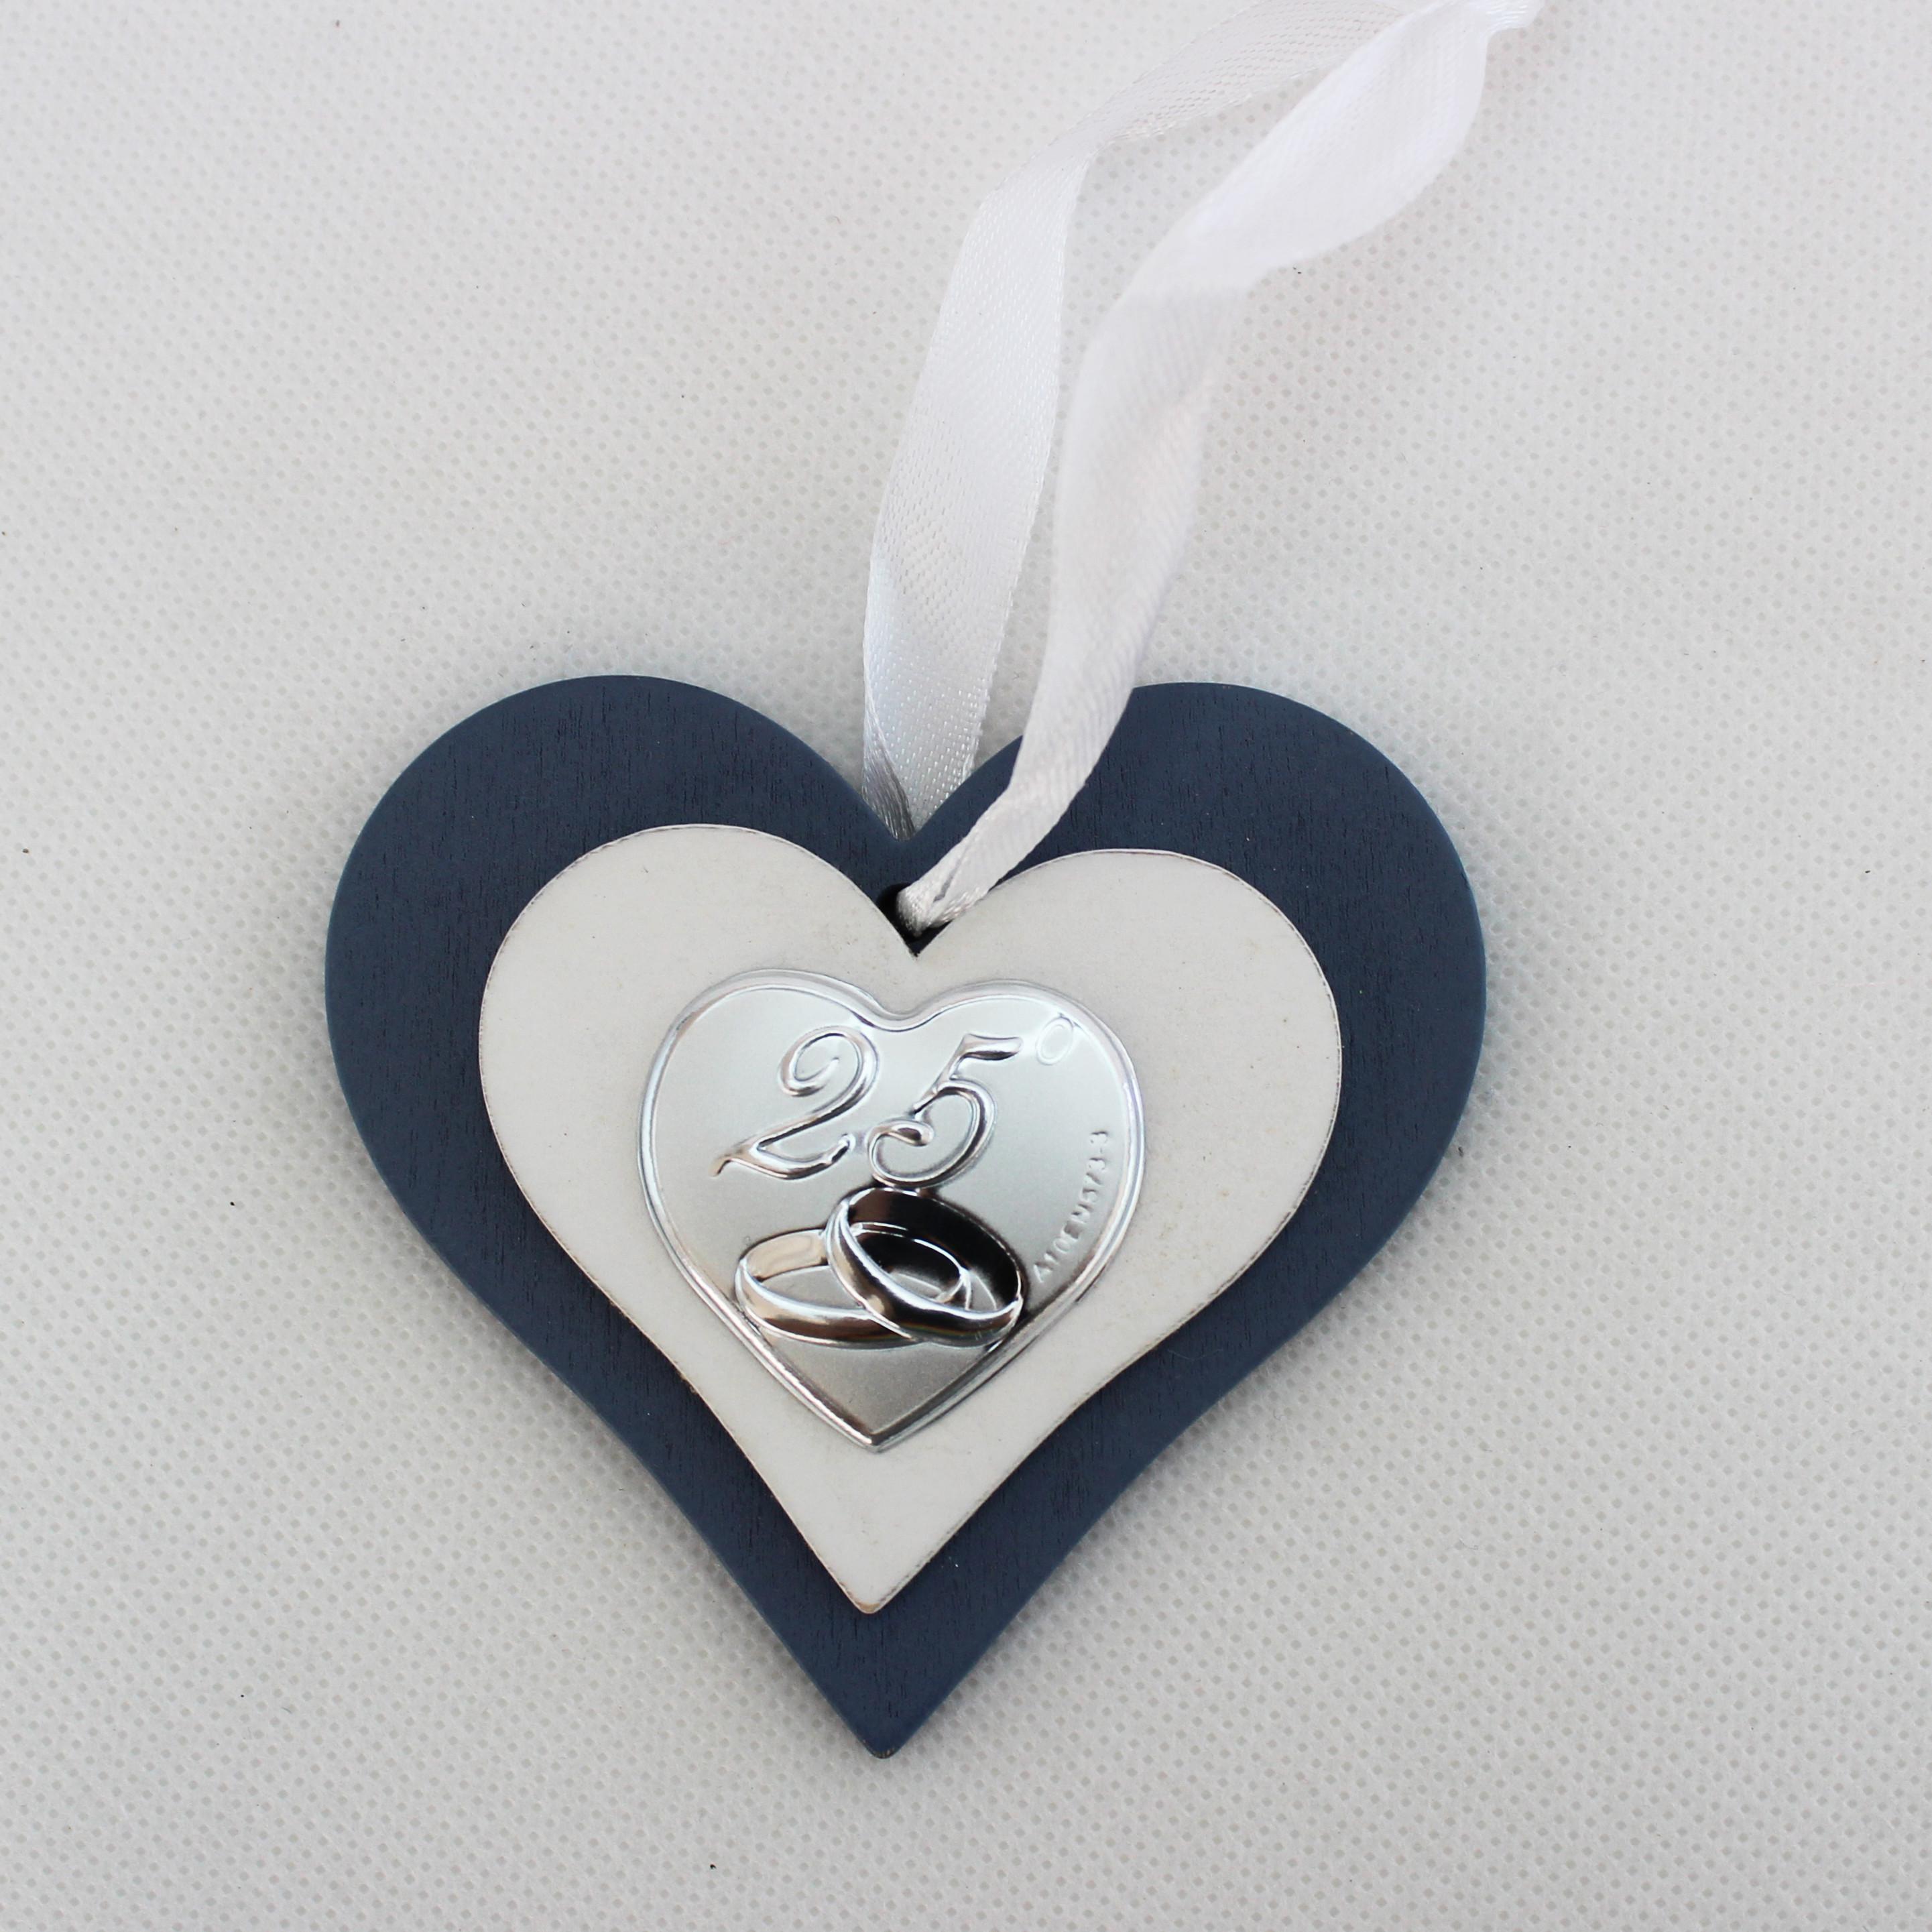 Icona cuore in legno per 25 anniversario matrimonio con scatola